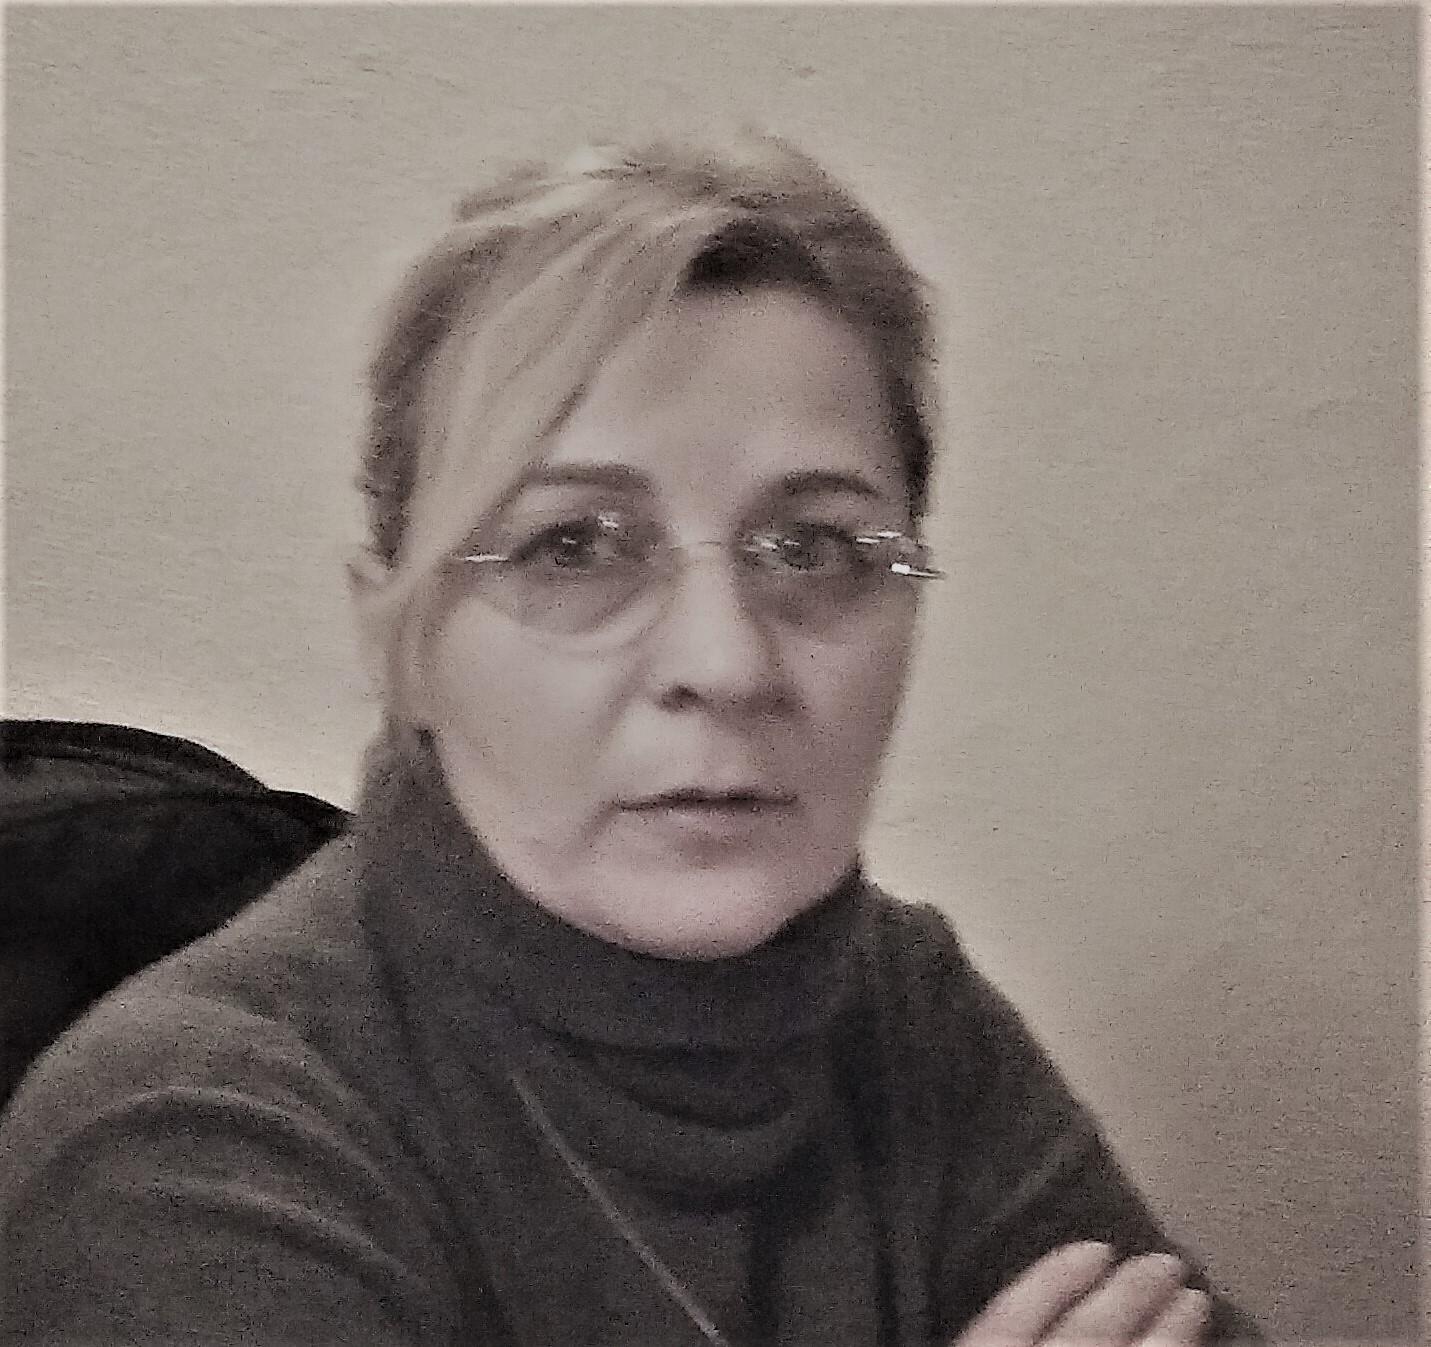 Ioana Bacila